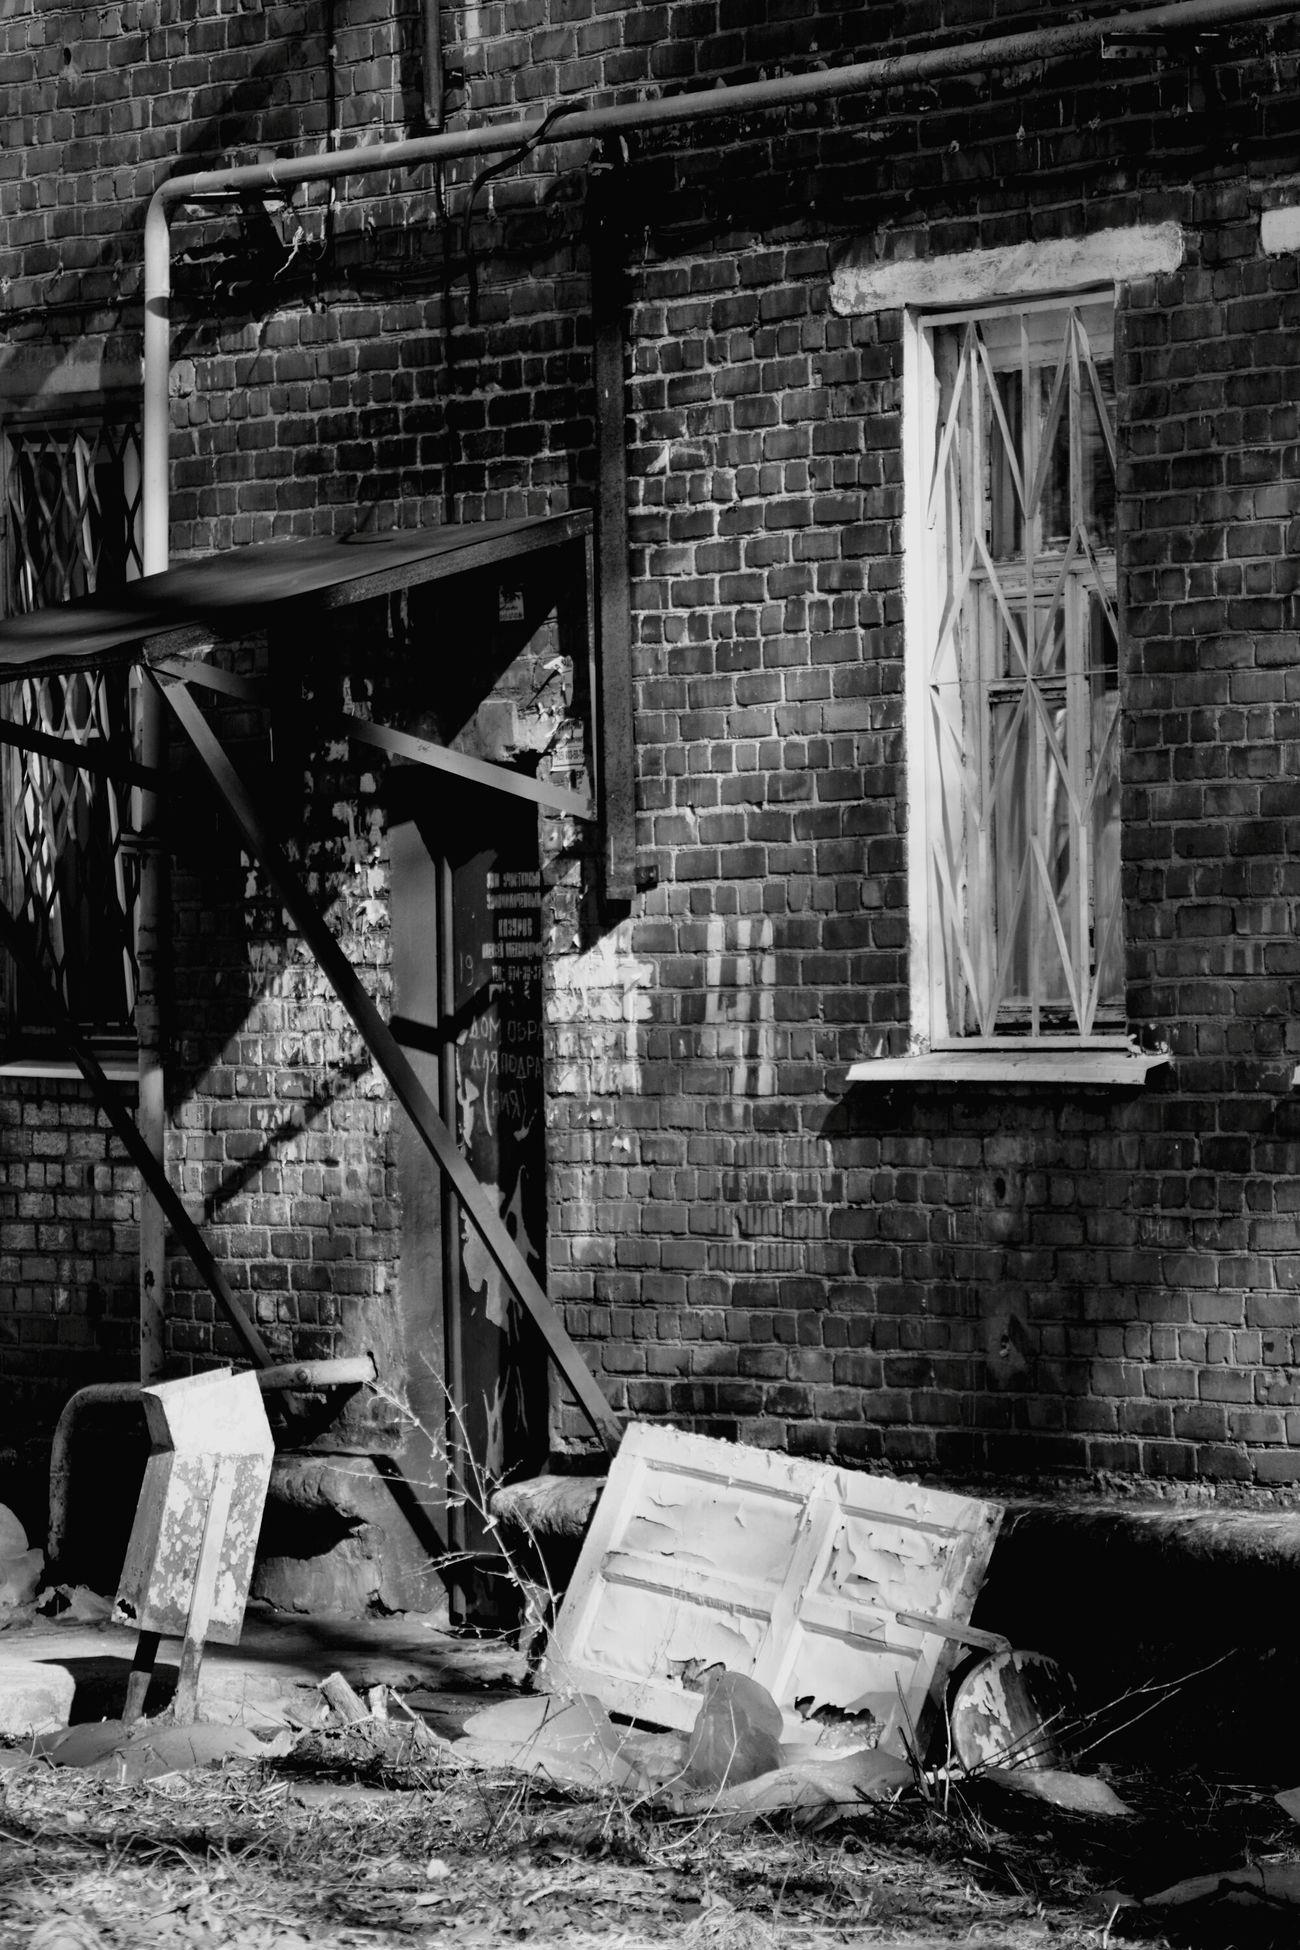 чернобелое серость серость_будней Grey Black Blackandwhite House Window Door Развалины город City подпишись Follow Popular Photos Photography весна пришла Fashion Fashion&love&beauty Blackandwhite Photography